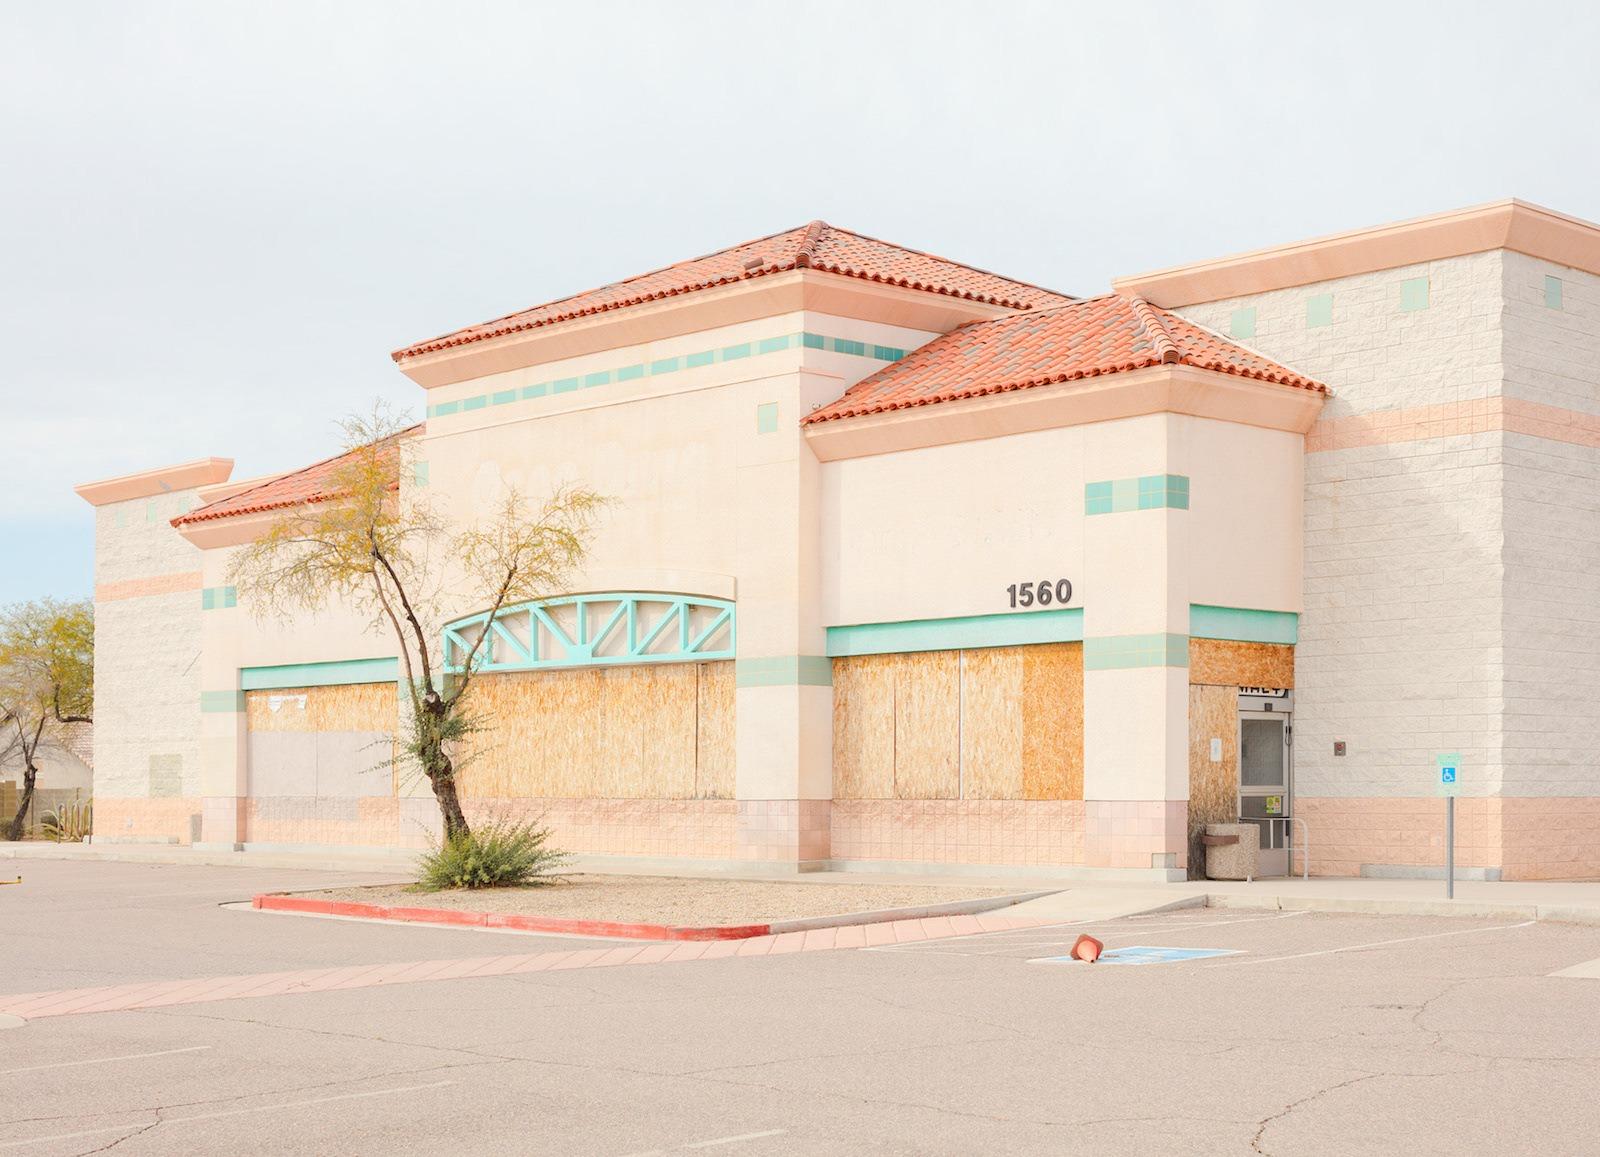 apocalipse do varejo loja azul